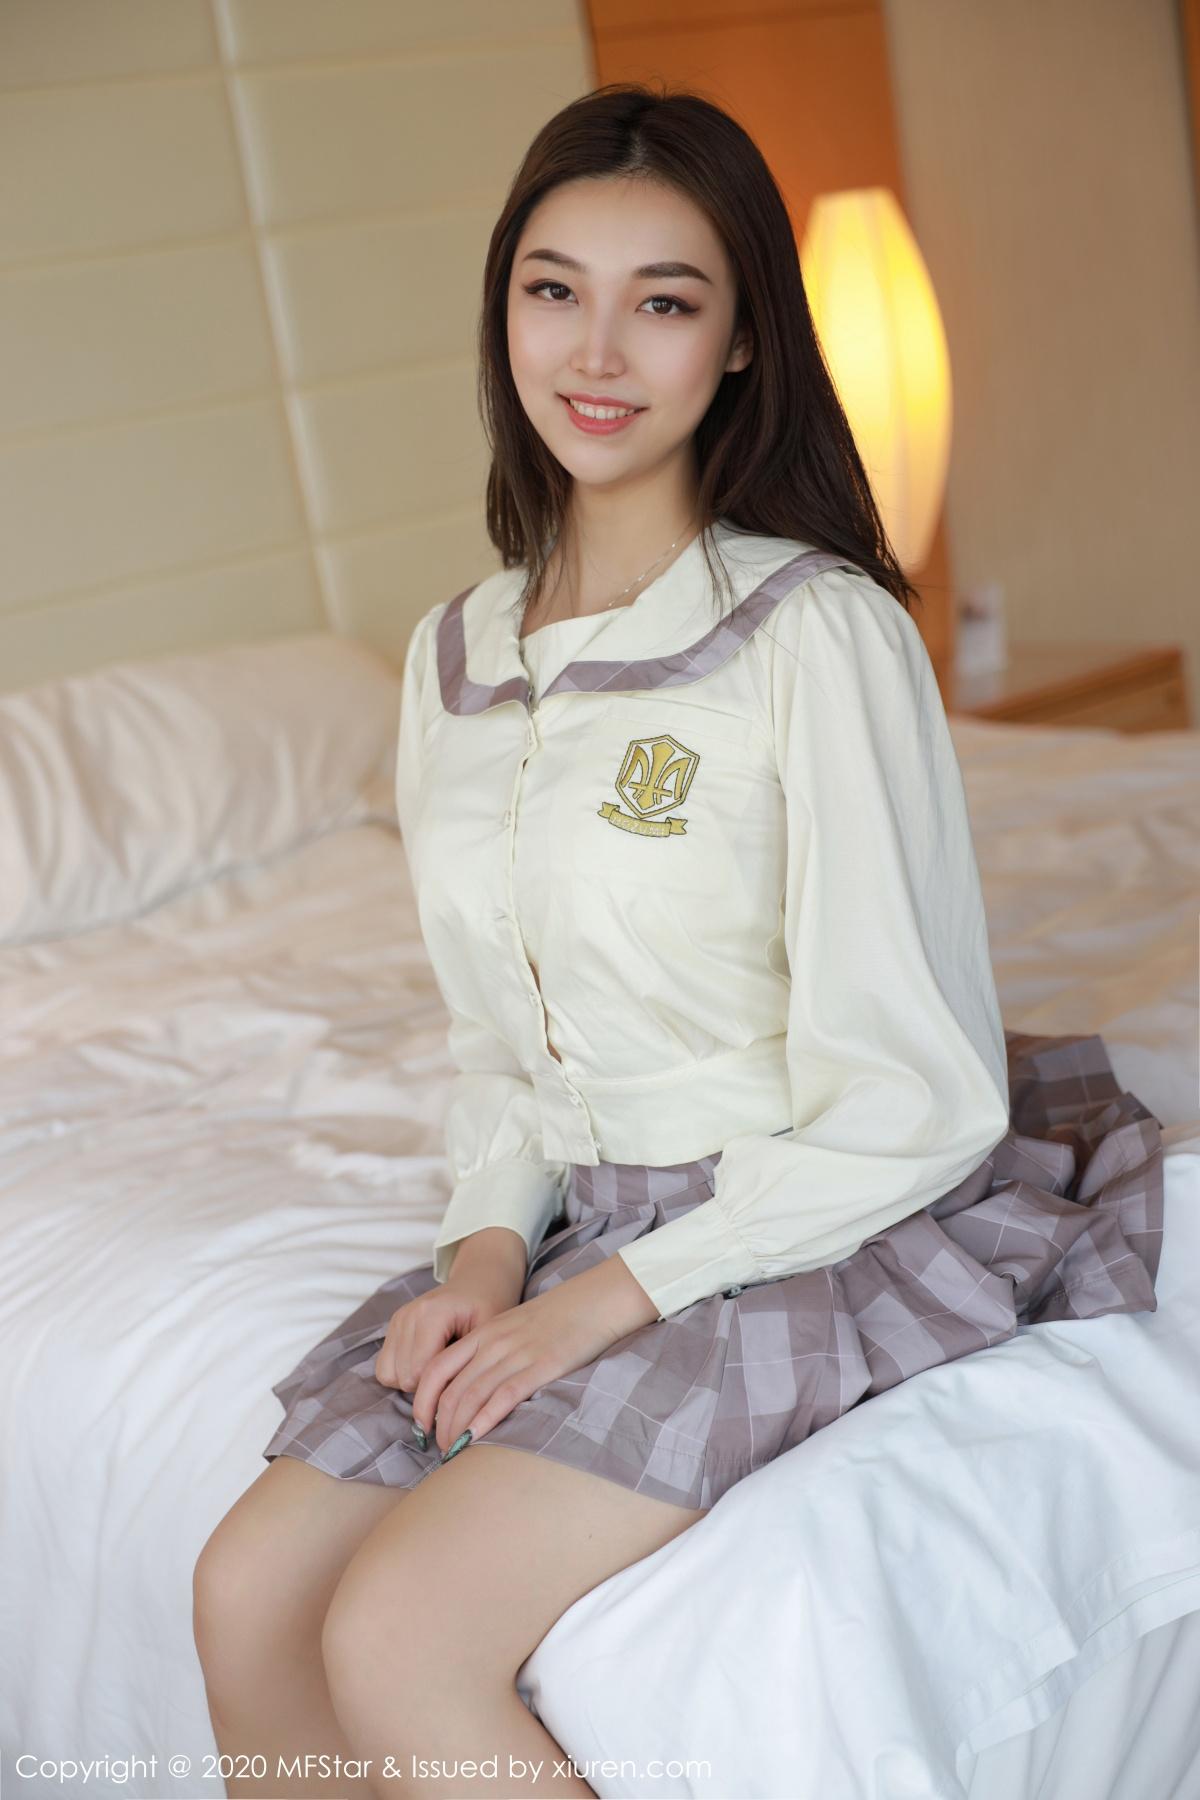 模范学院 [MFStar] 2020.10.10 VOL.399 郑颖姗